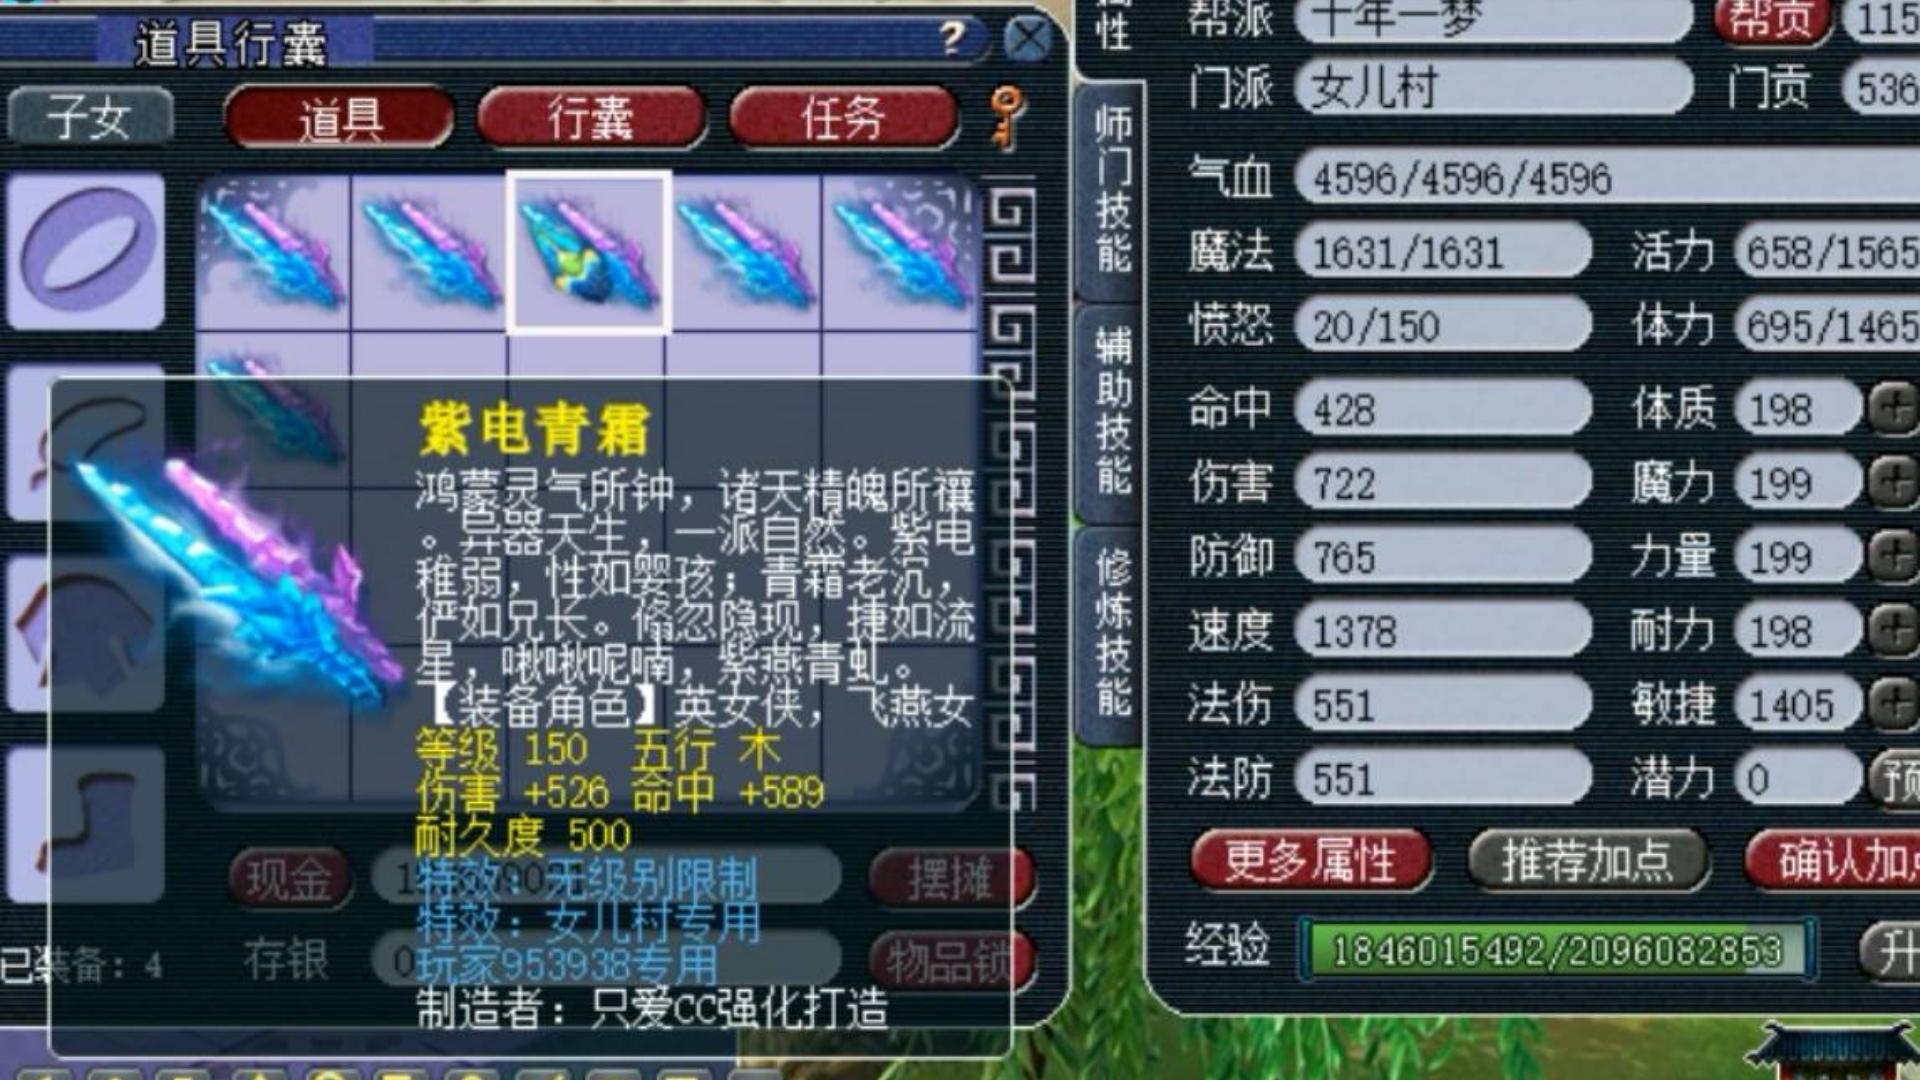 梦幻西游:无级别和专用出现在一把150级武器上,她却是175级!